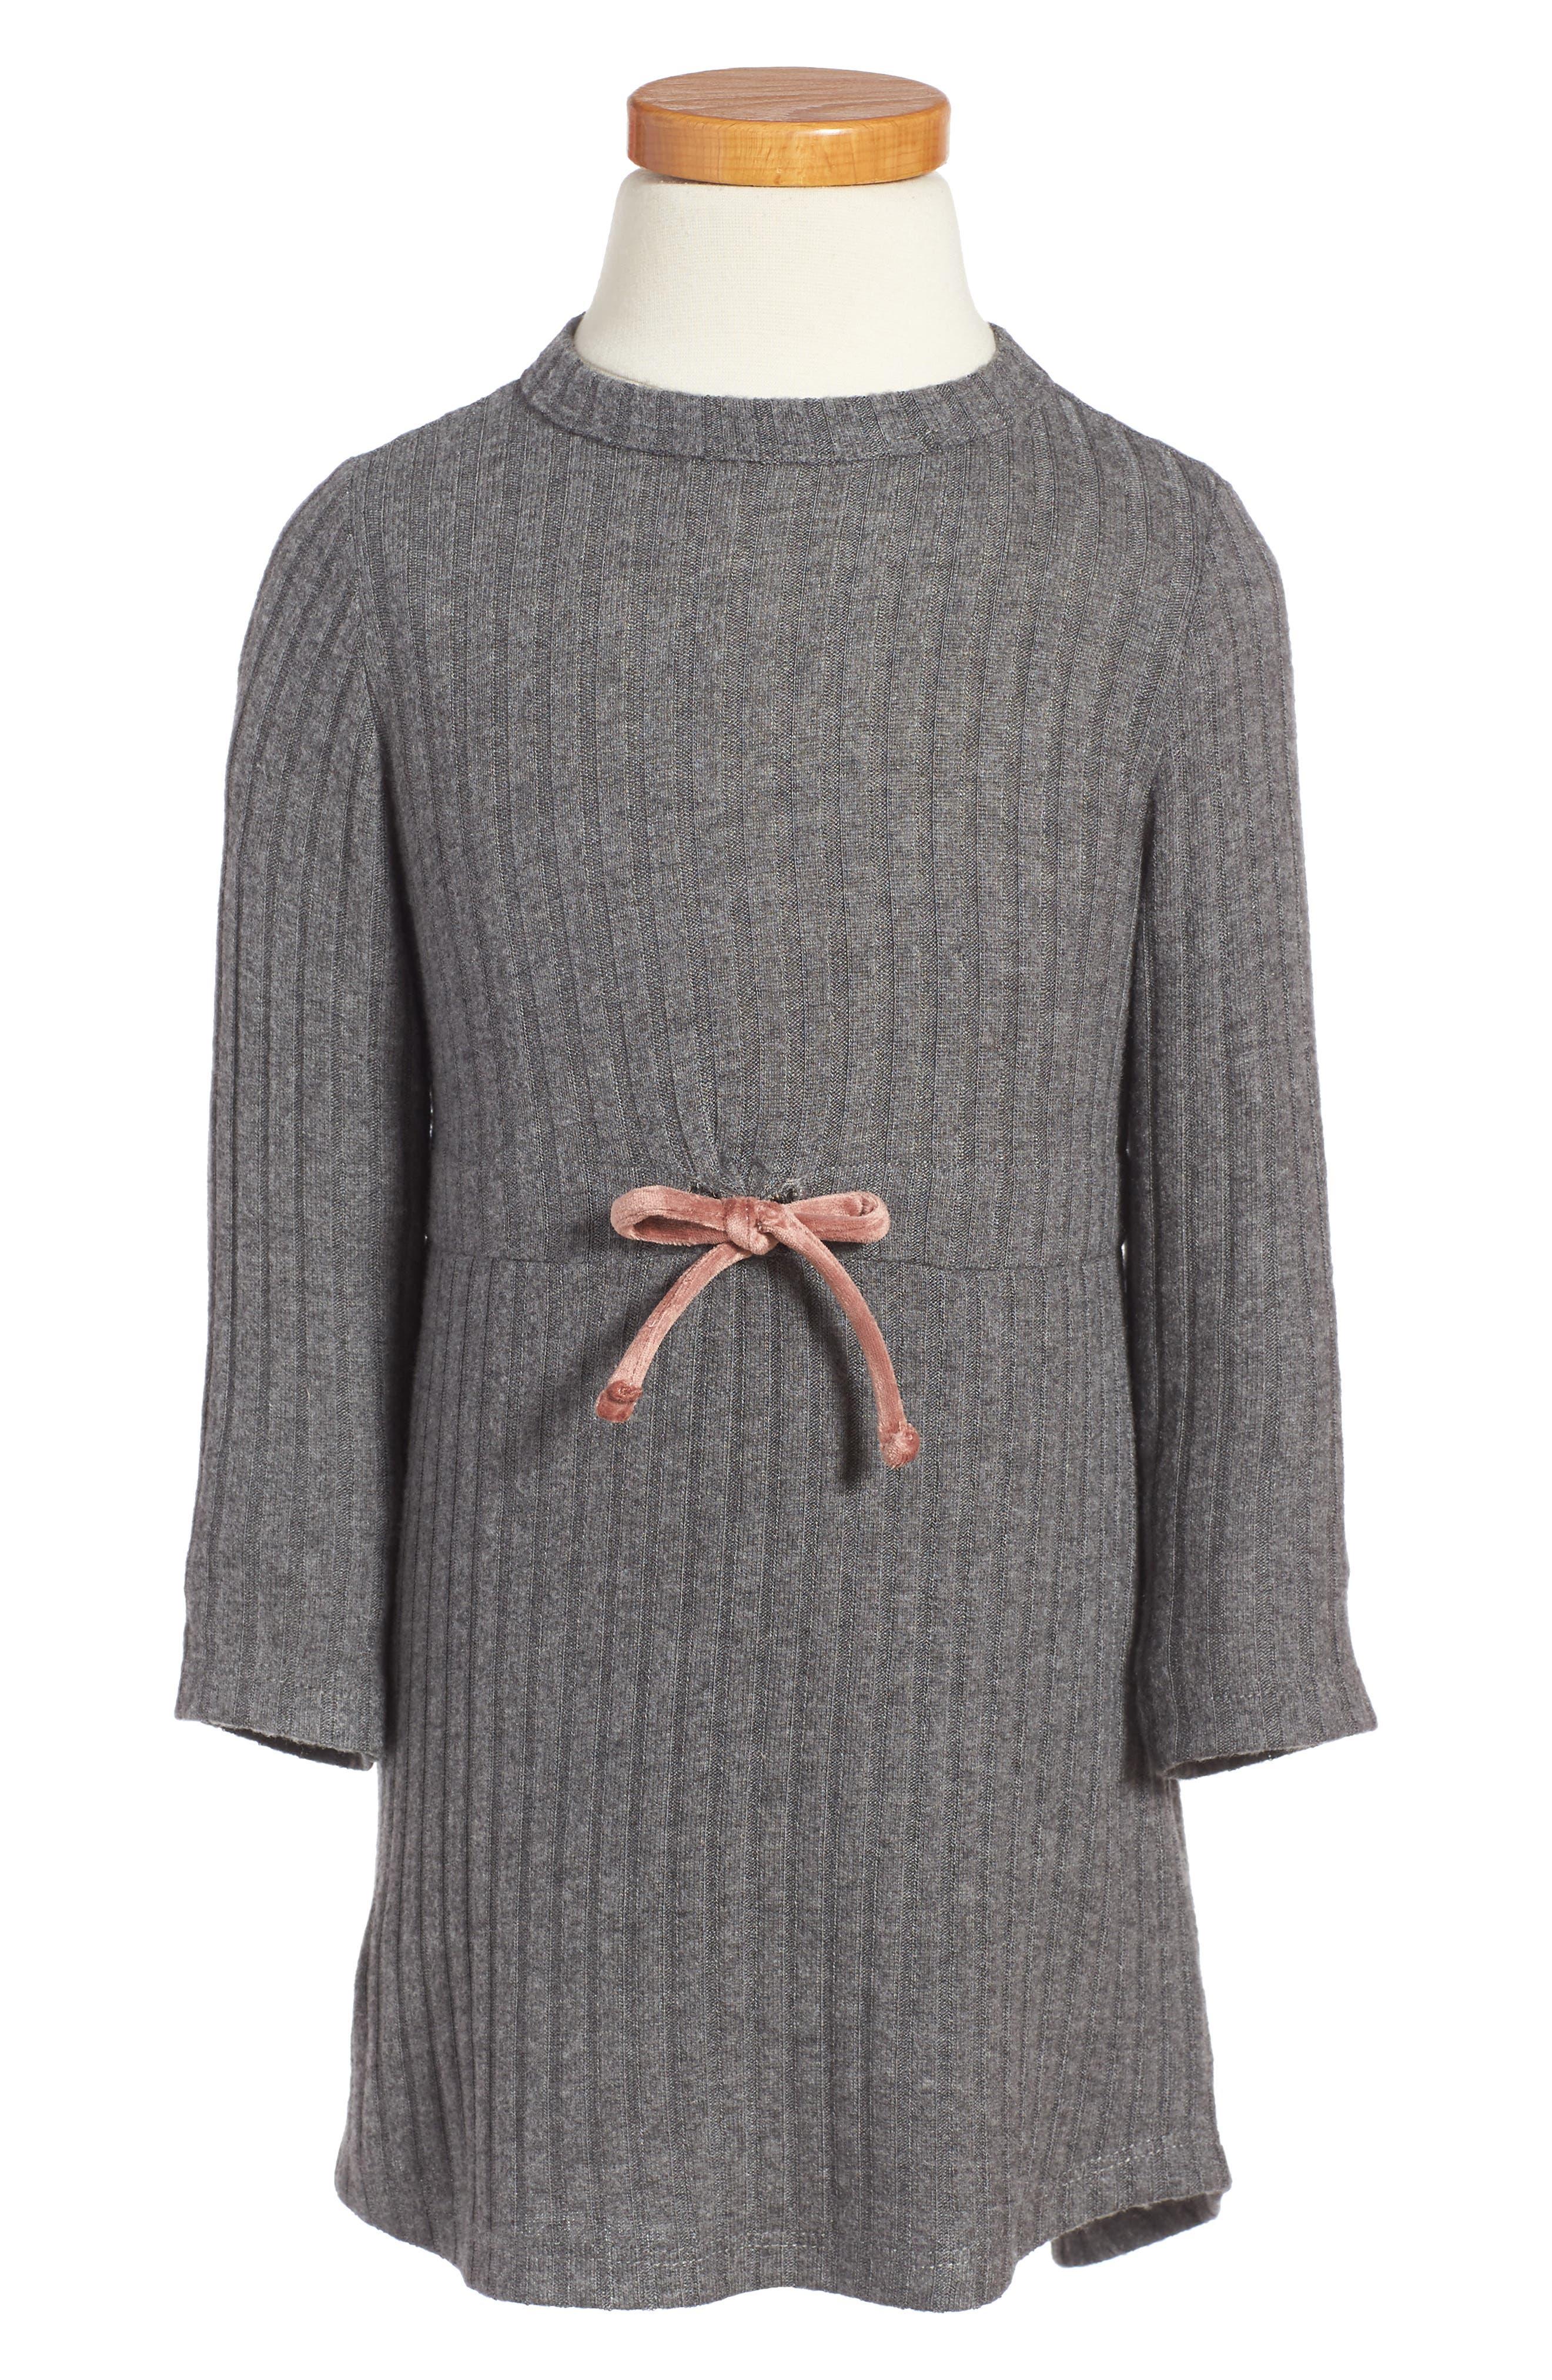 Ellana Ribbed Sweater Dress,                             Main thumbnail 1, color,                             Charcoal Rib